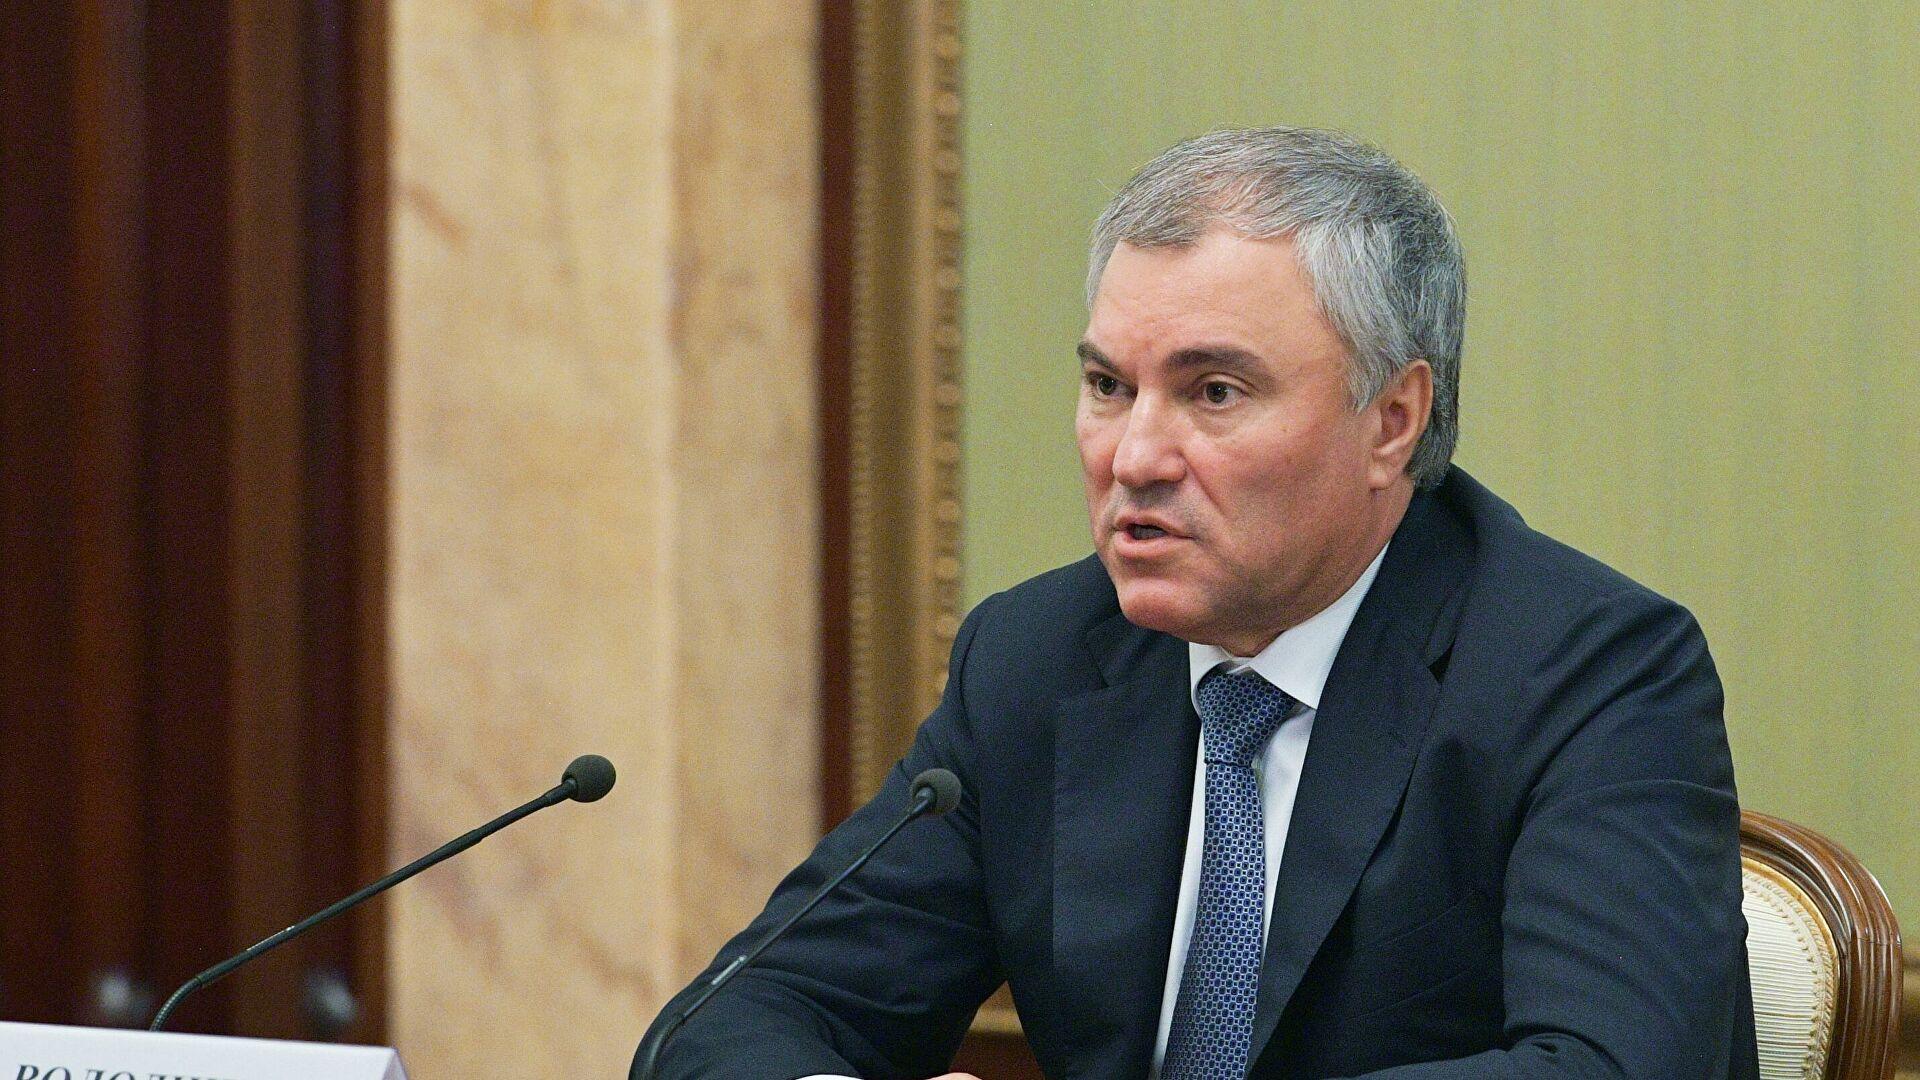 Володин позвао ПС ОДКБ да заједно бране државни суверенитет земаља чланица